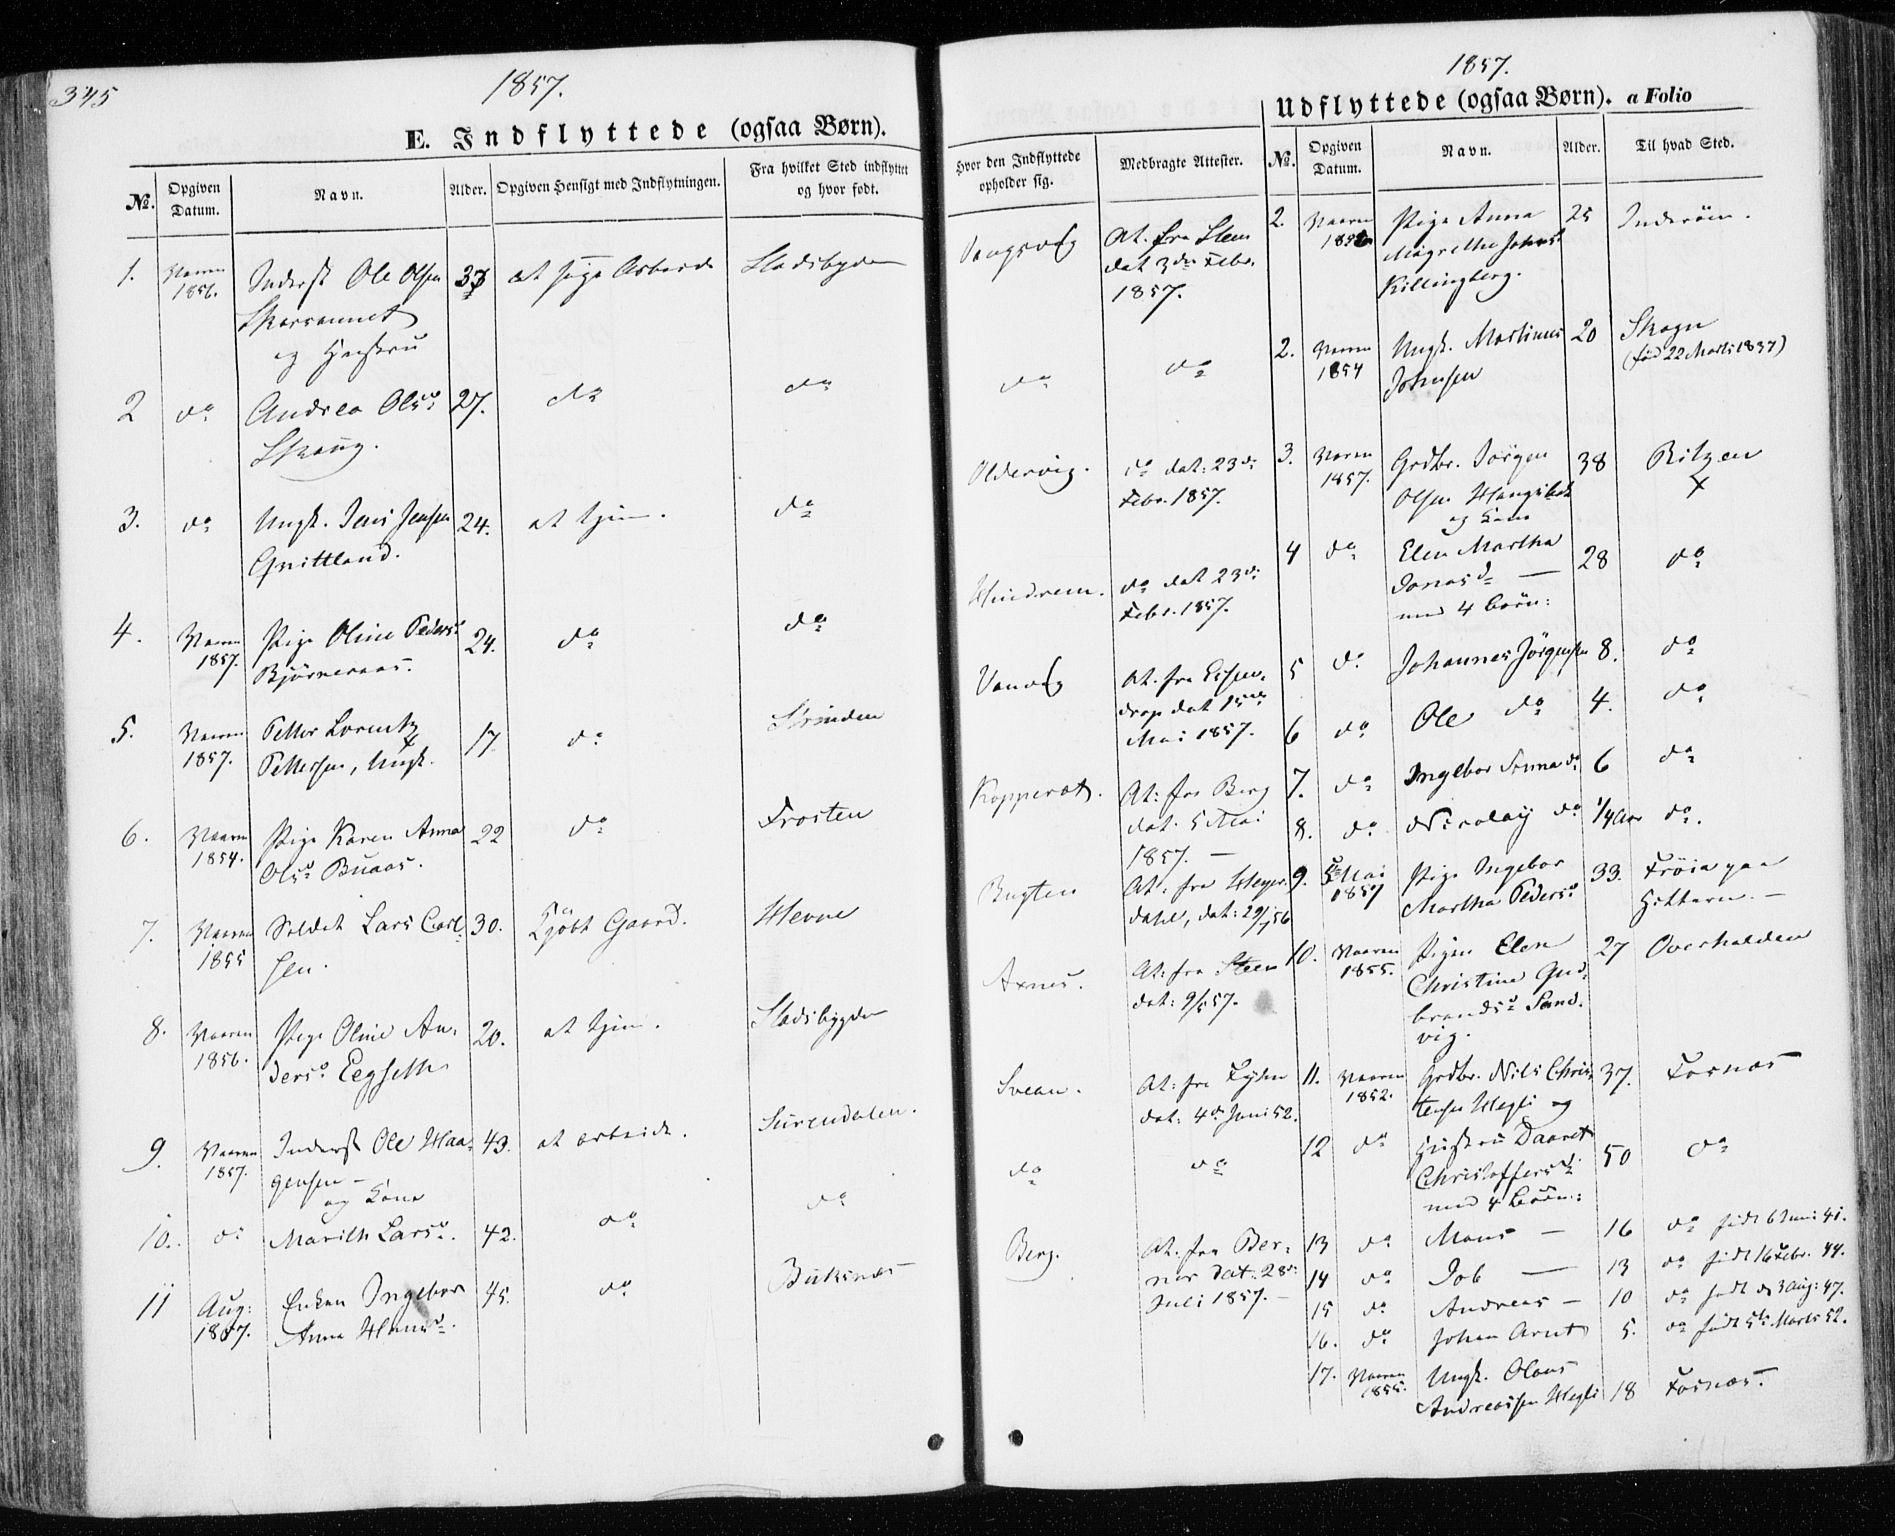 SAT, Ministerialprotokoller, klokkerbøker og fødselsregistre - Nord-Trøndelag, 701/L0008: Ministerialbok nr. 701A08 /1, 1854-1863, s. 345